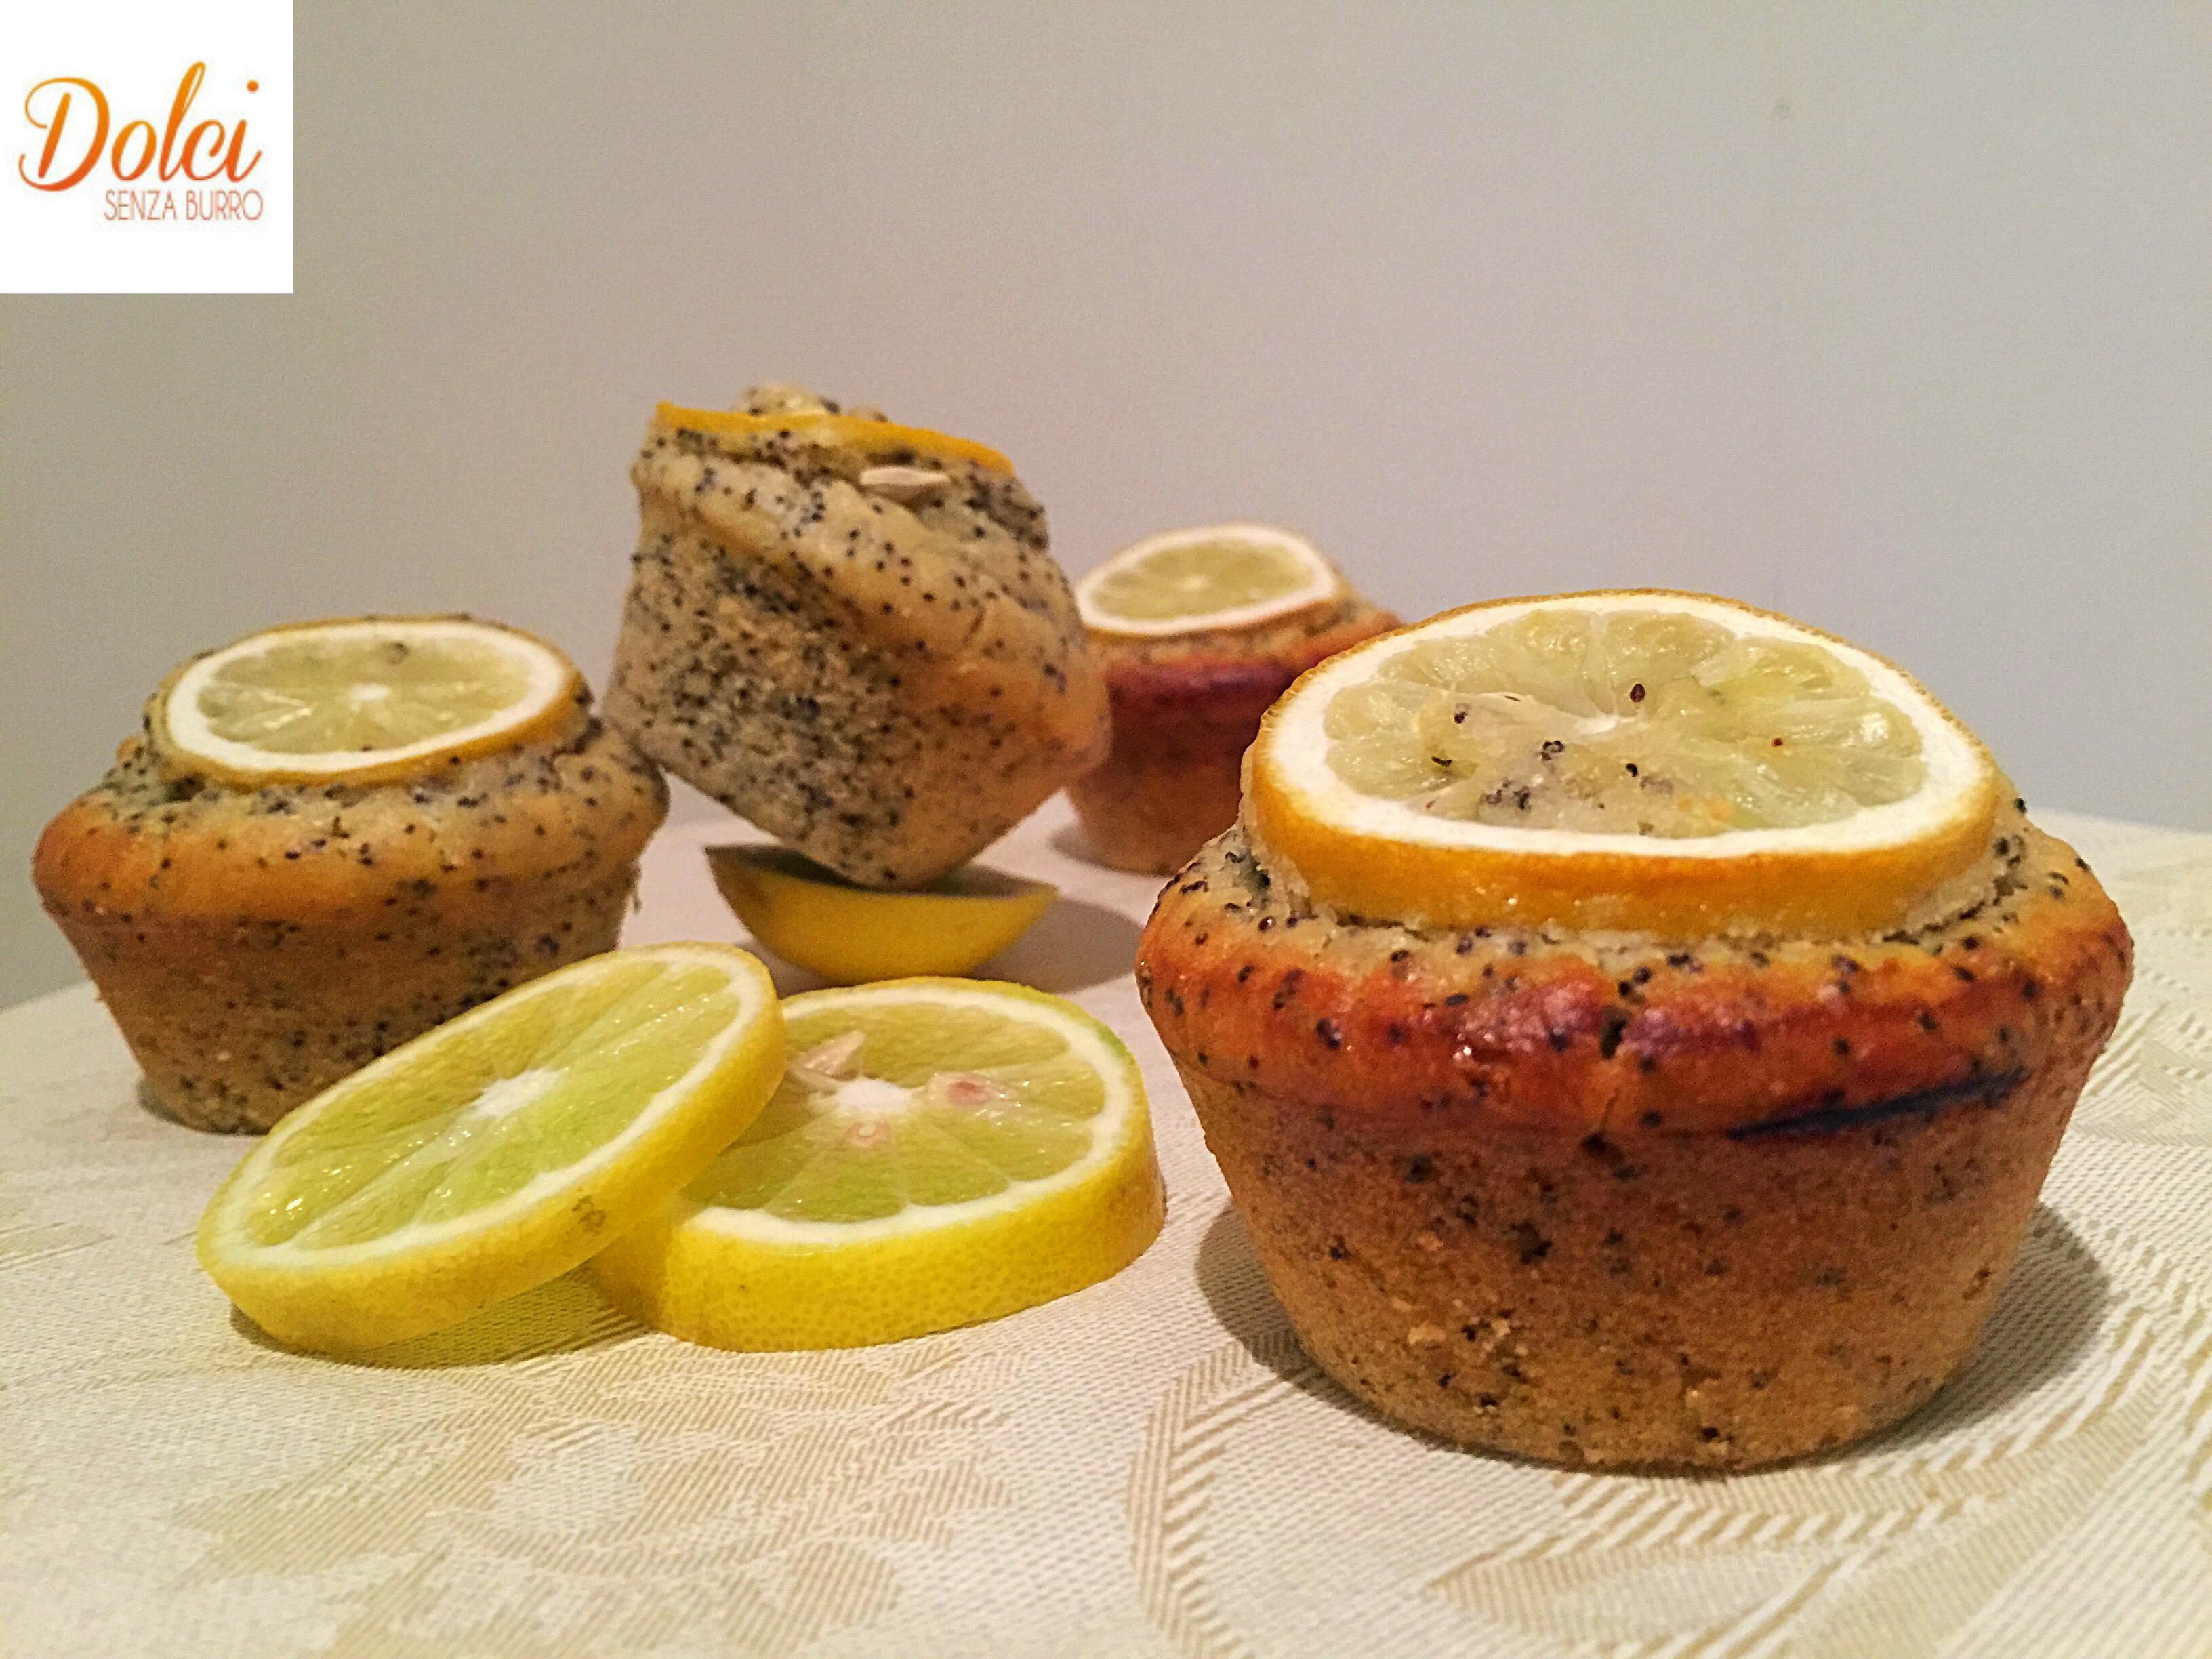 Muffin al Limone e Semi di Papavero Senza Burro, i muffin golosi leggeri e freschi senza lattosio di dolci senza burro